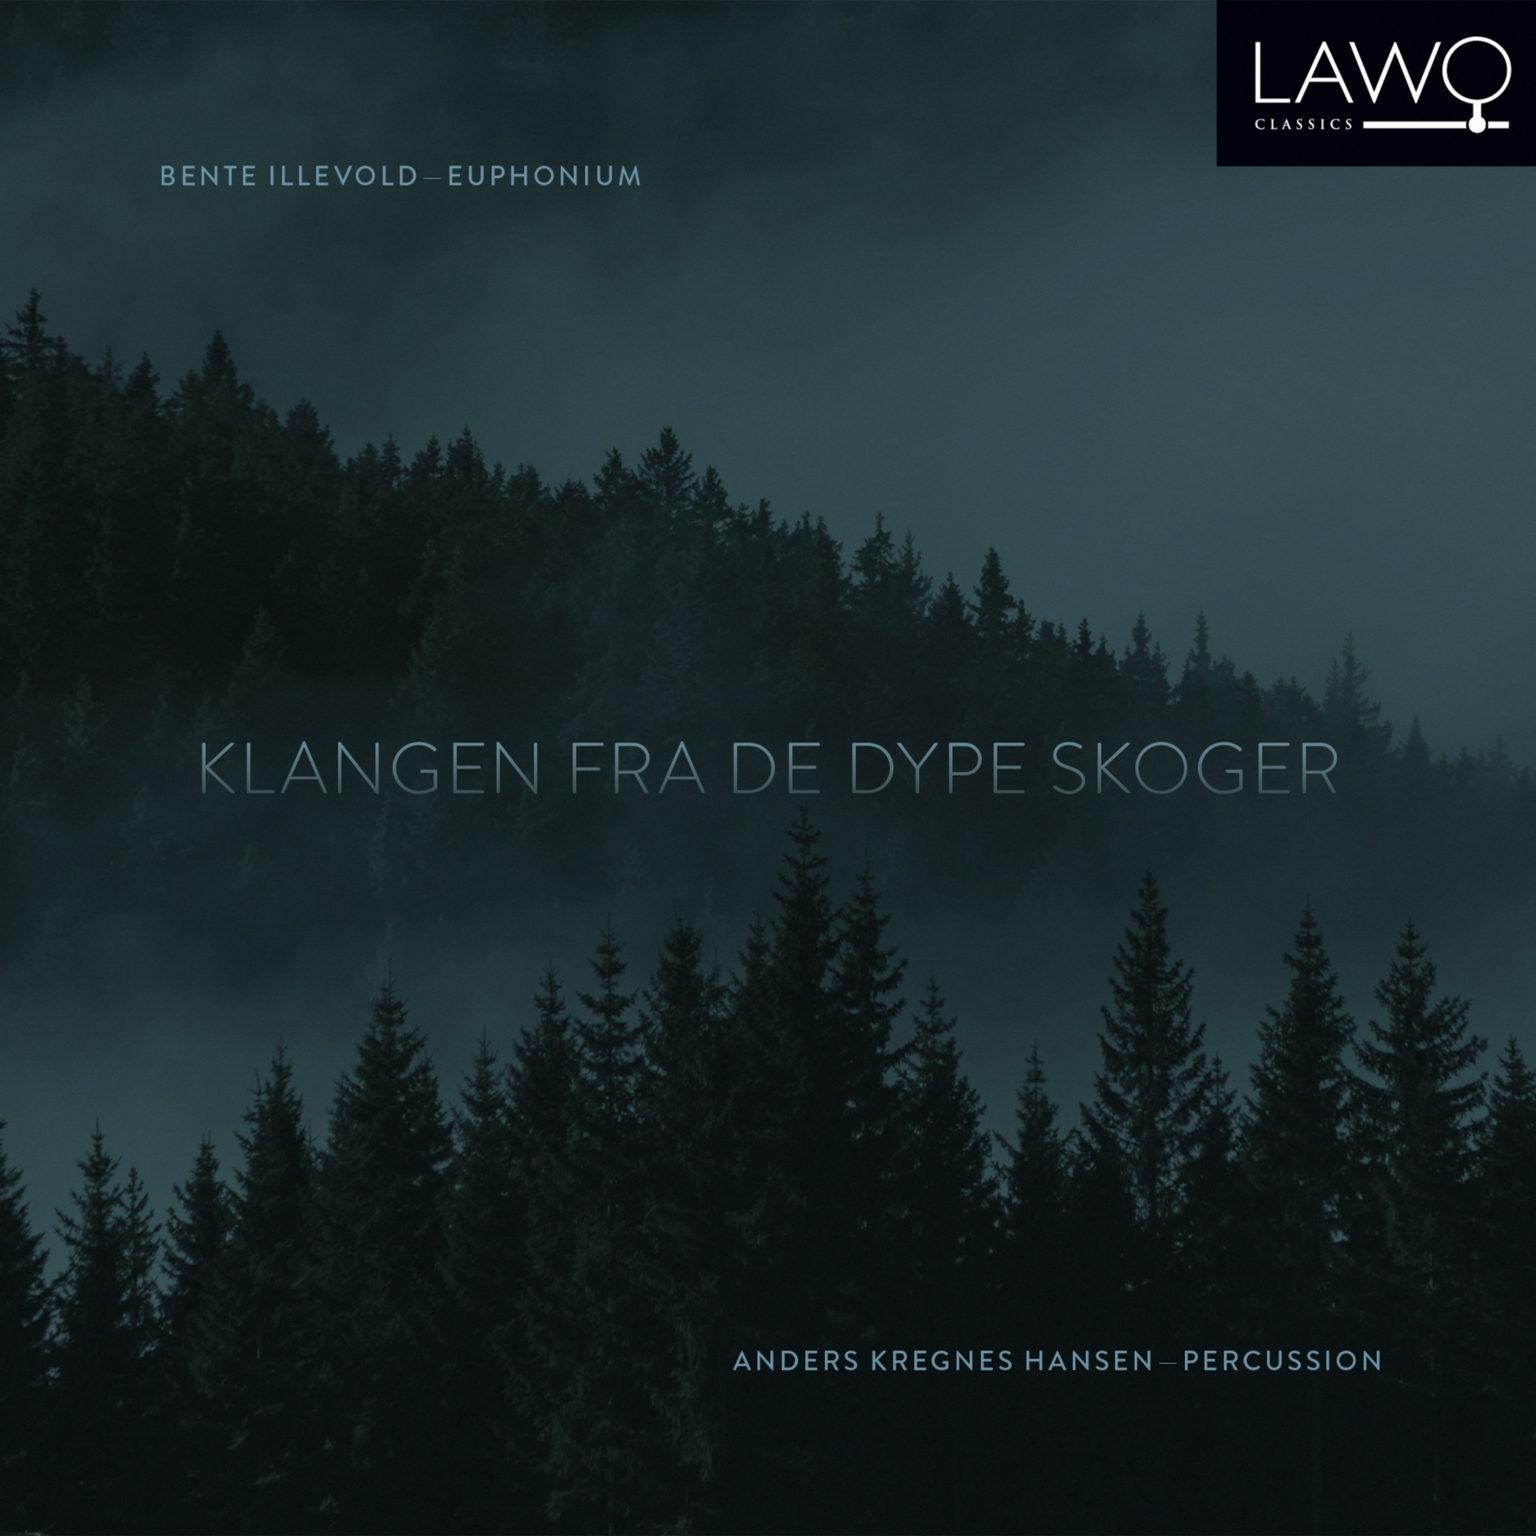 Click image for larger version.  Name:LWC1195_Bente_Illevold_Klangen_fra_de_dype_skoger_cover_3000x3000px-1536x1536.jpg Views:894 Size:174.8 KB ID:7720